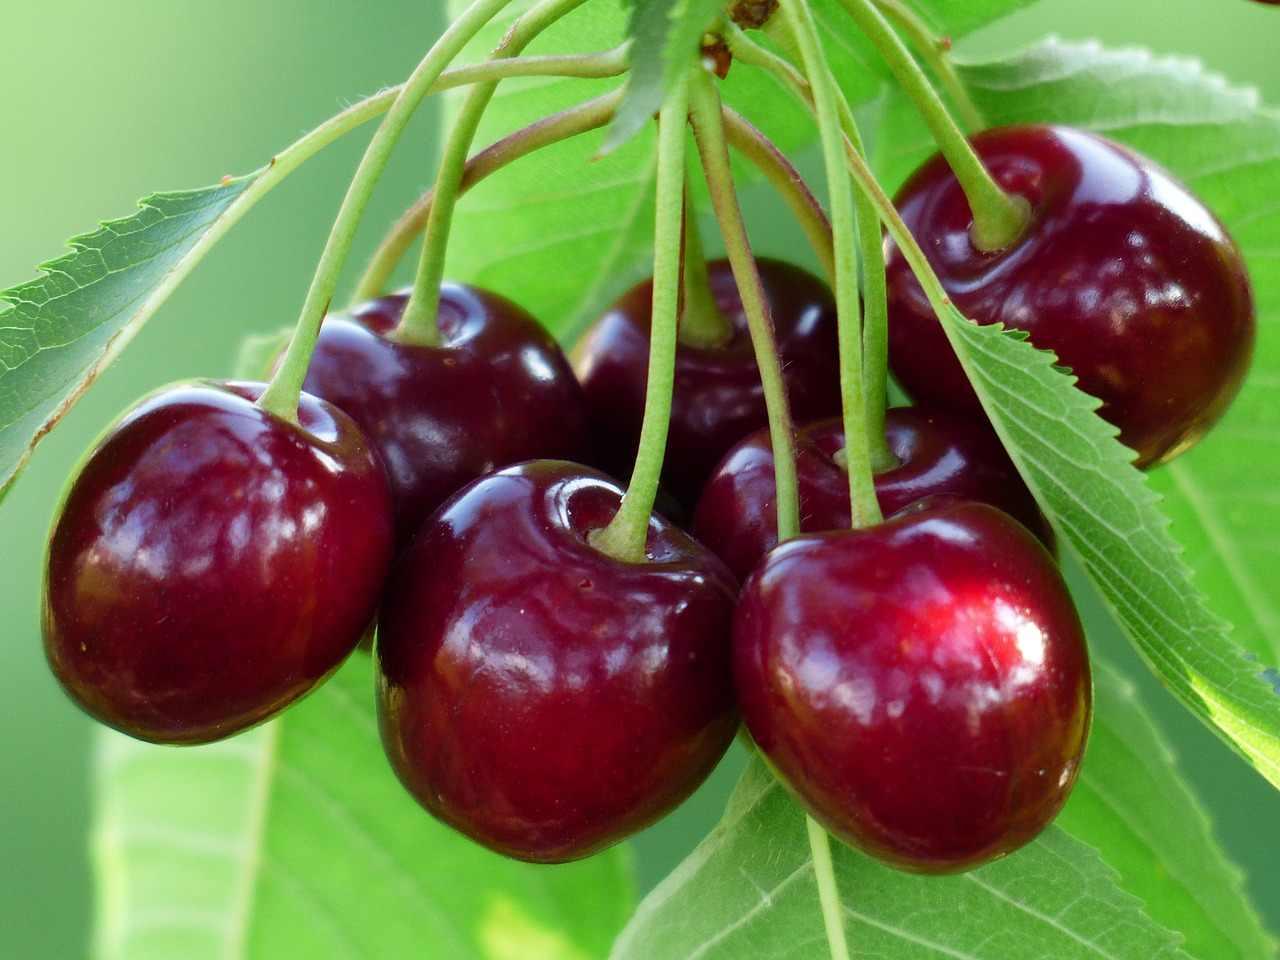 Красивые и прикольные картинки вишни - подборка изображений 16